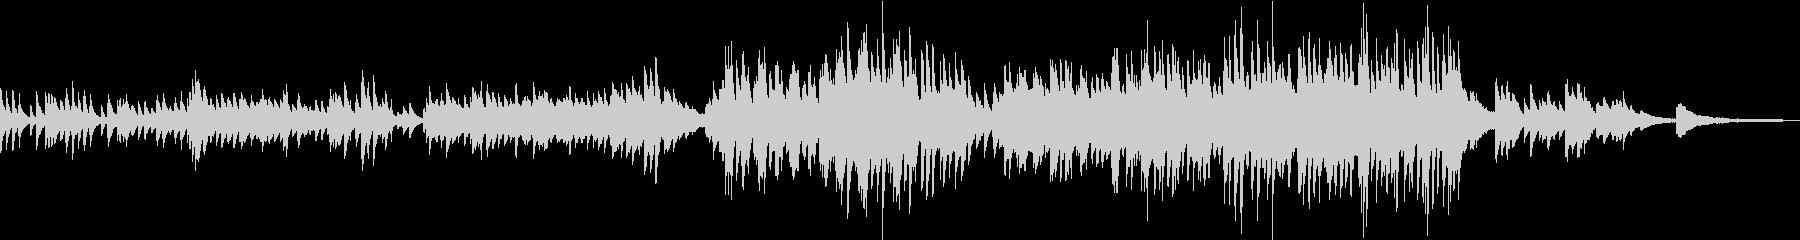 「古城のワルツ」ピアノソロの未再生の波形